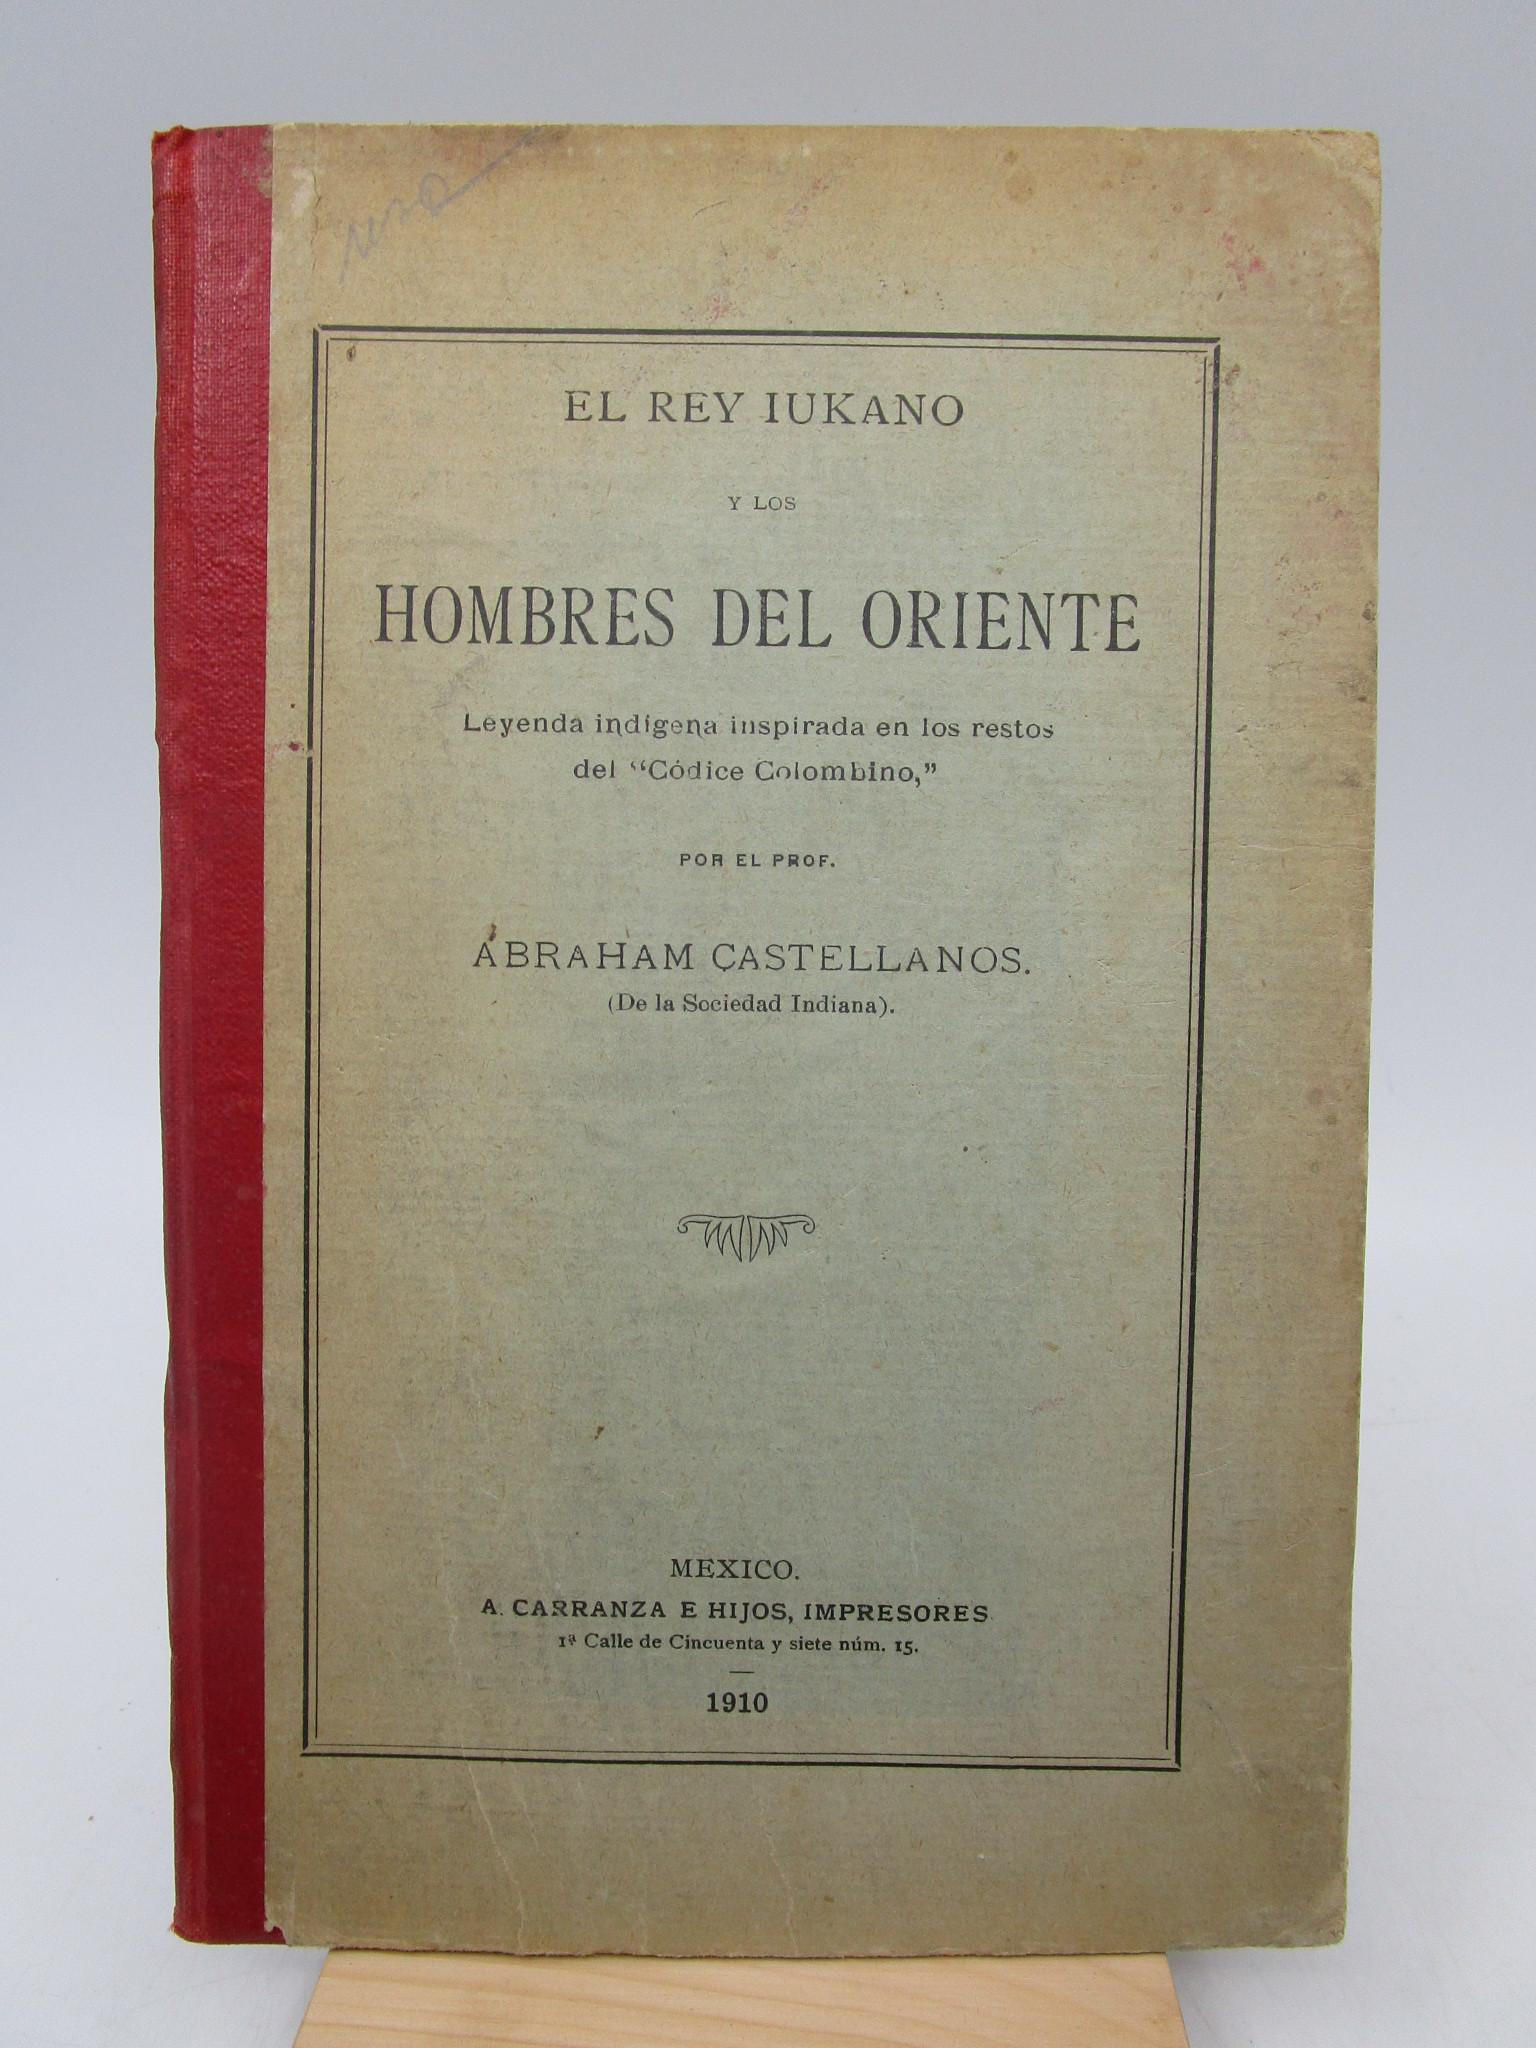 Image for El Rey Iukano y Los Hombres Del Oriente Leyenda Indigena Inspirada En Los Restos Del Codice Colombino (Signed First Edition)